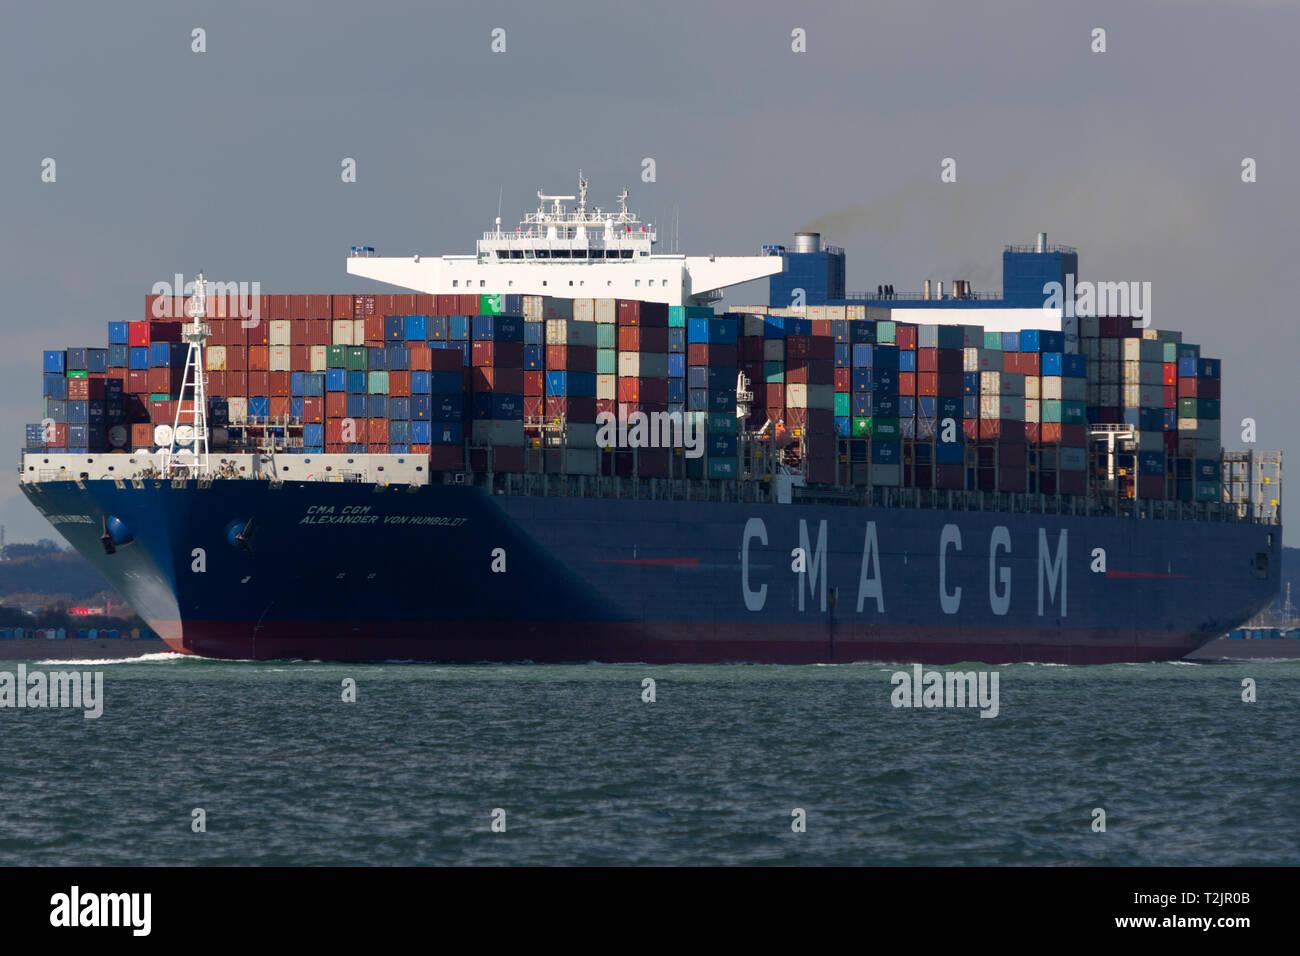 Brexit  Container, ship, CMA CGM, Alexander Von,Humboldt